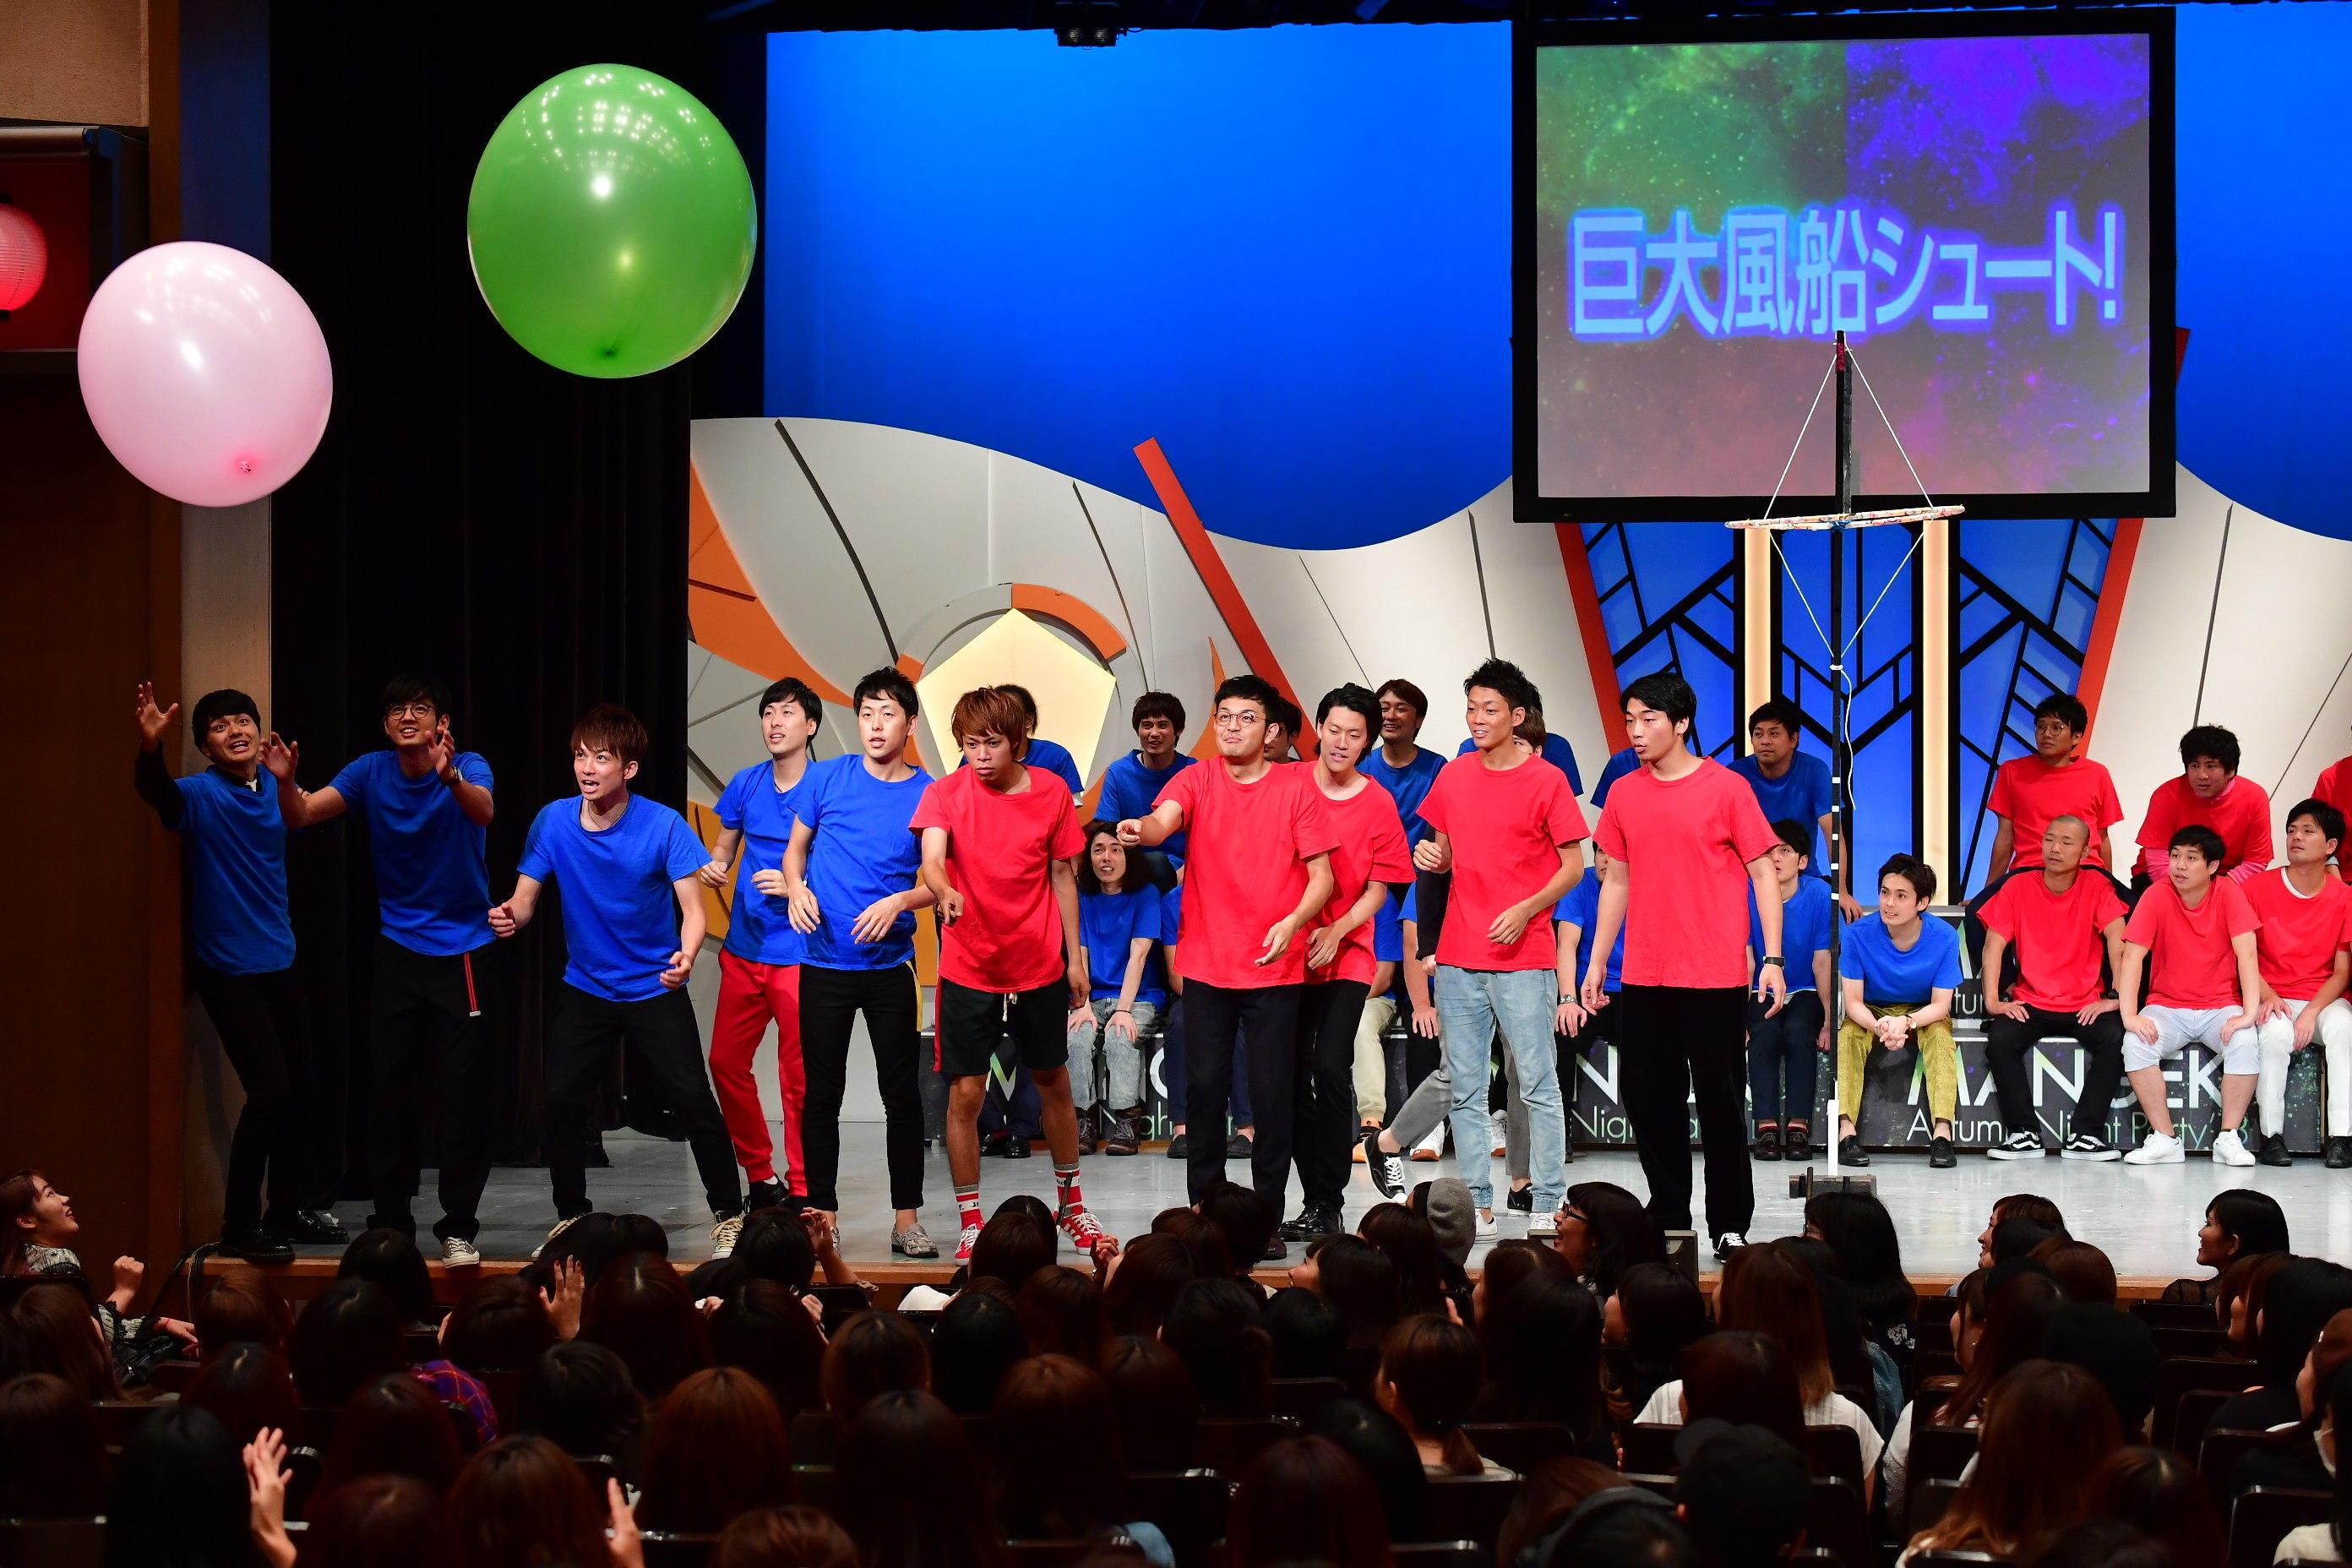 http://news.yoshimoto.co.jp/20180925144011-dc0c1c54a36da80408cc2fa2a7719fb0ae12be31.jpg